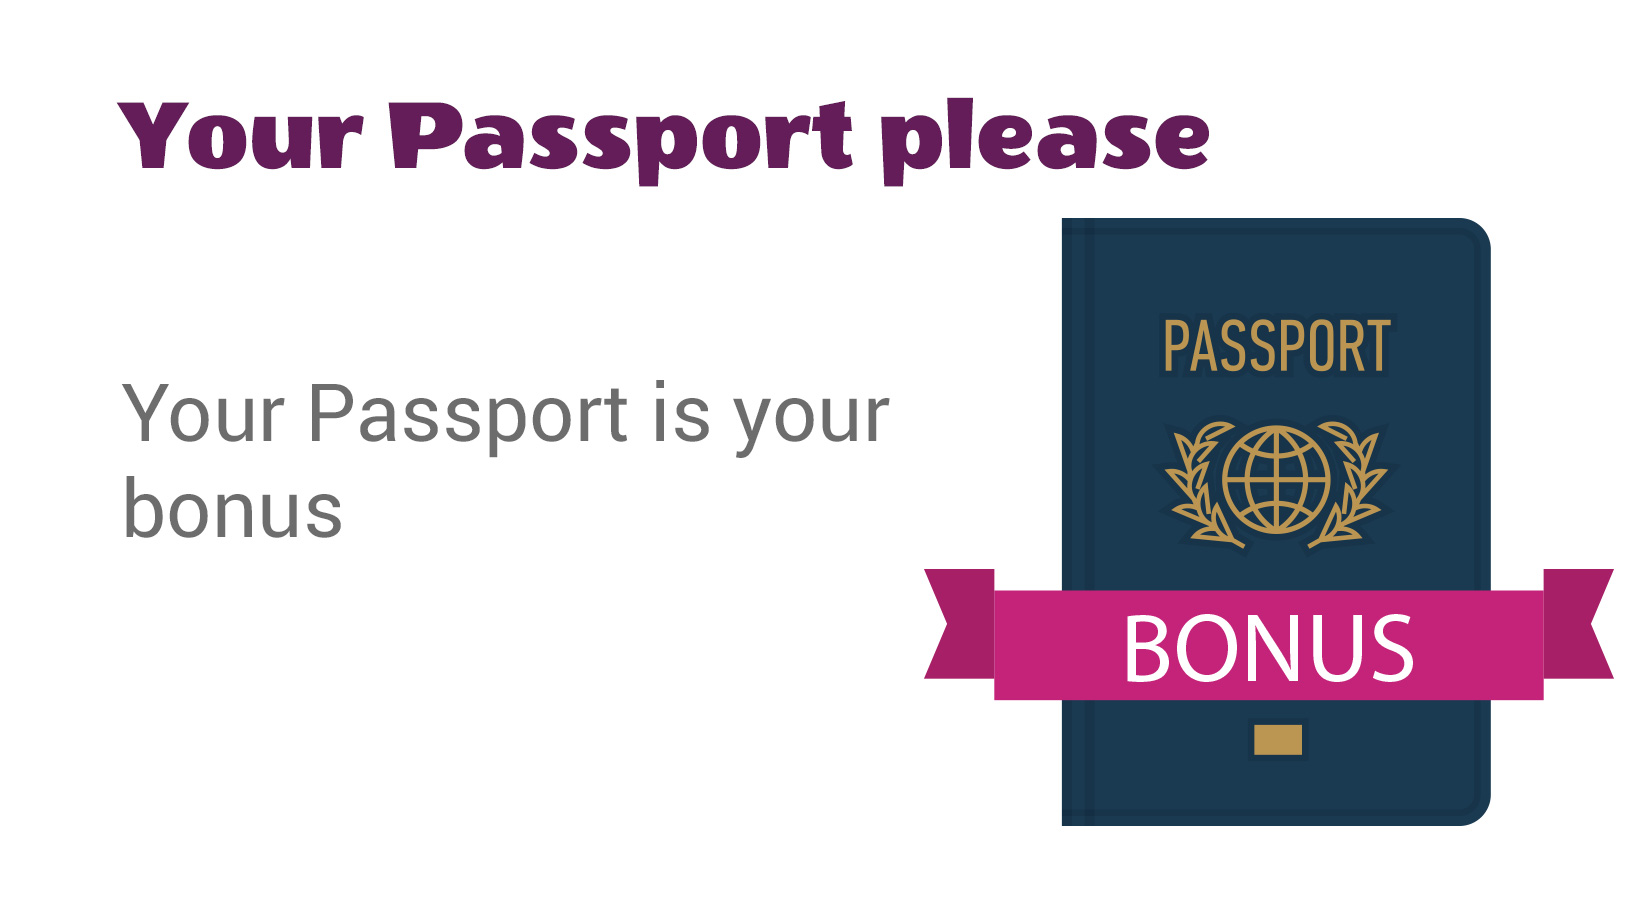 Your Passport is Your Bonus